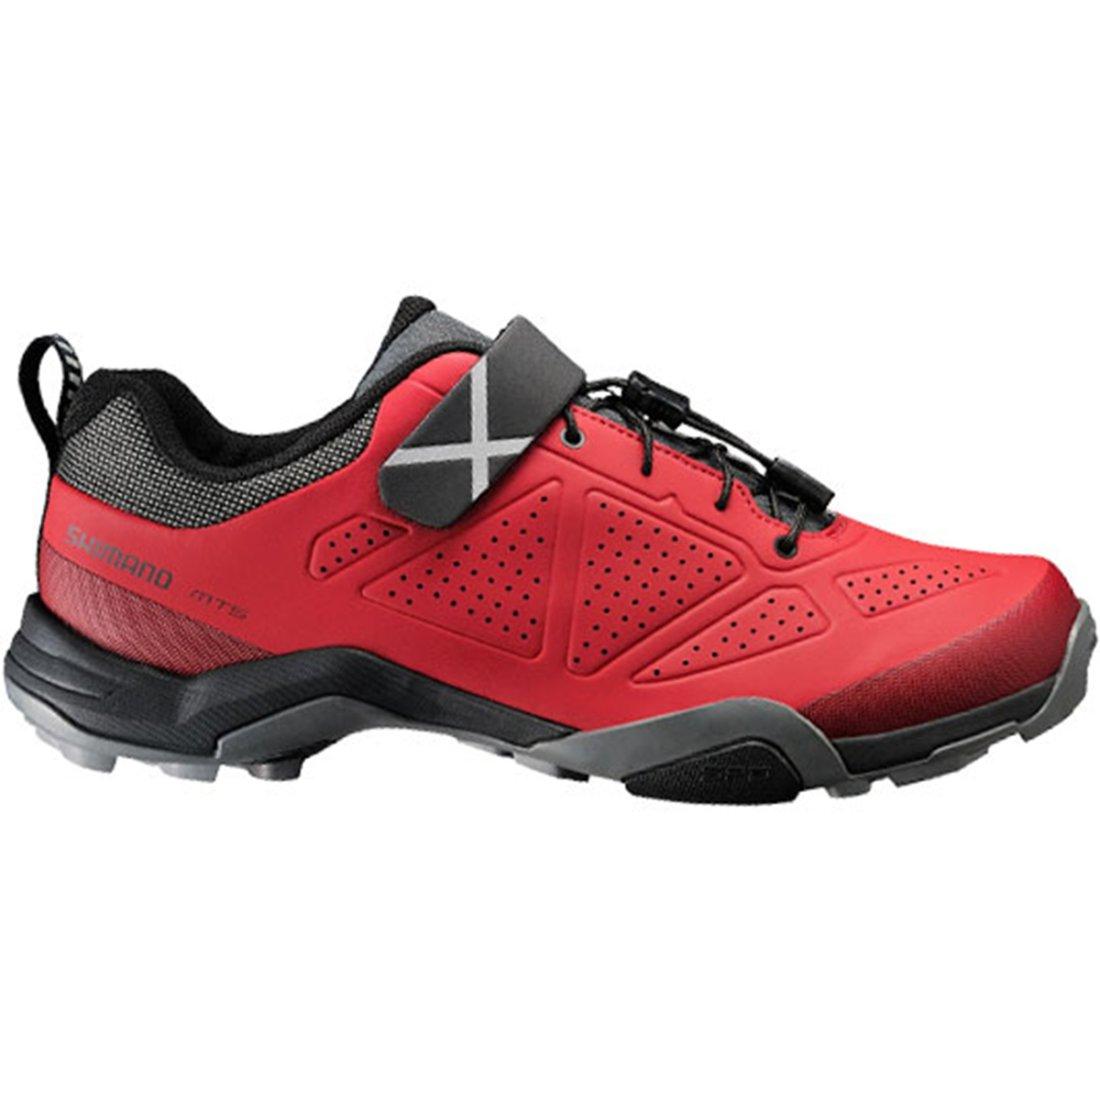 el más nuevo 19fe2 37fc6 SHIMANO MT5 Red Shoe